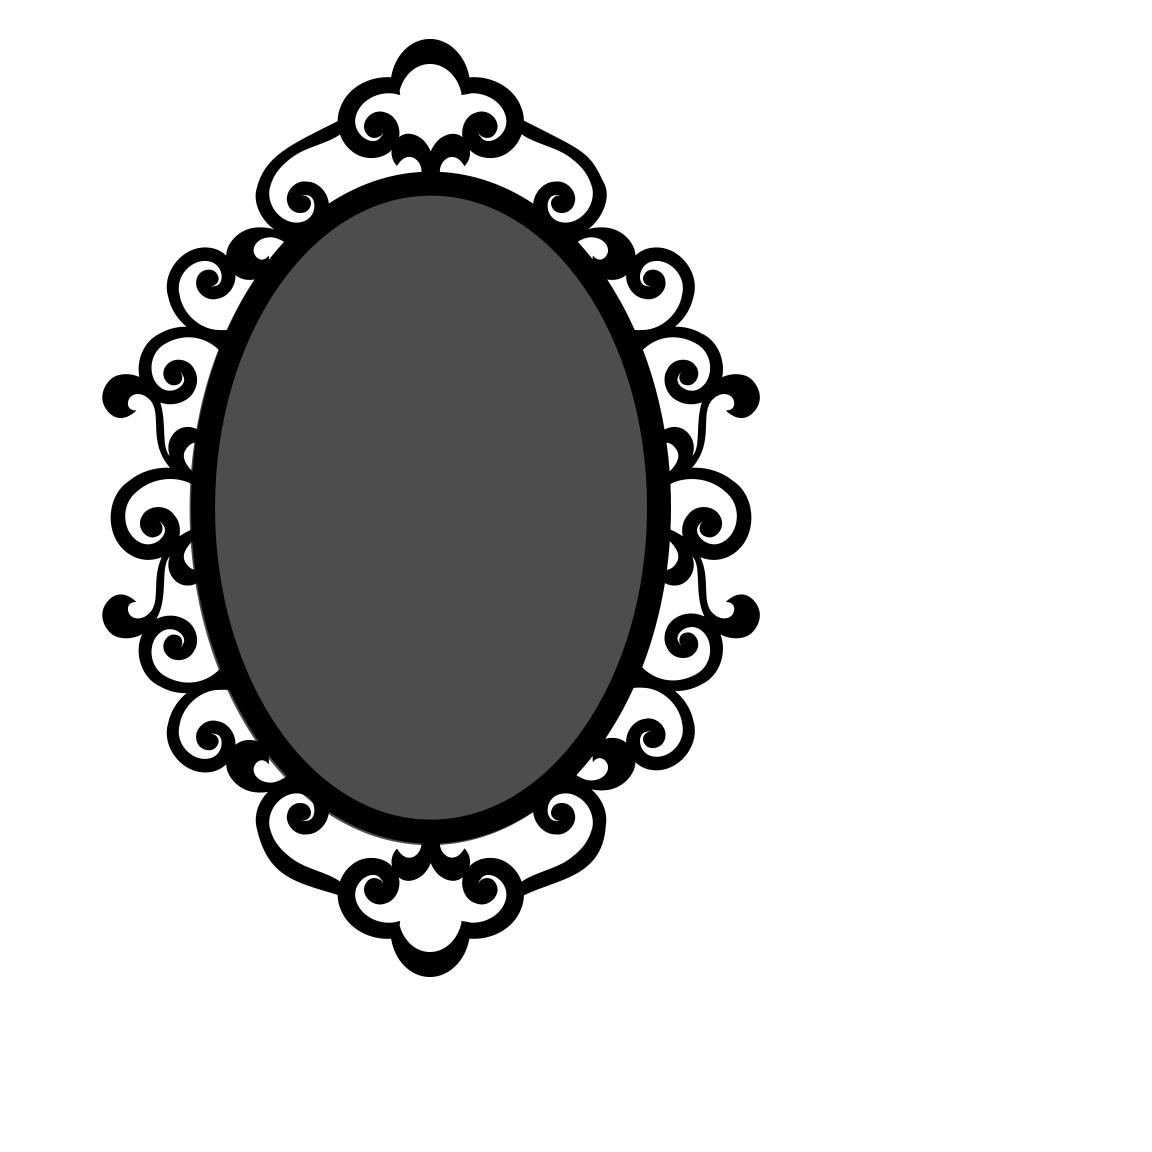 1152x1152 Oval Frame Vector Clipart